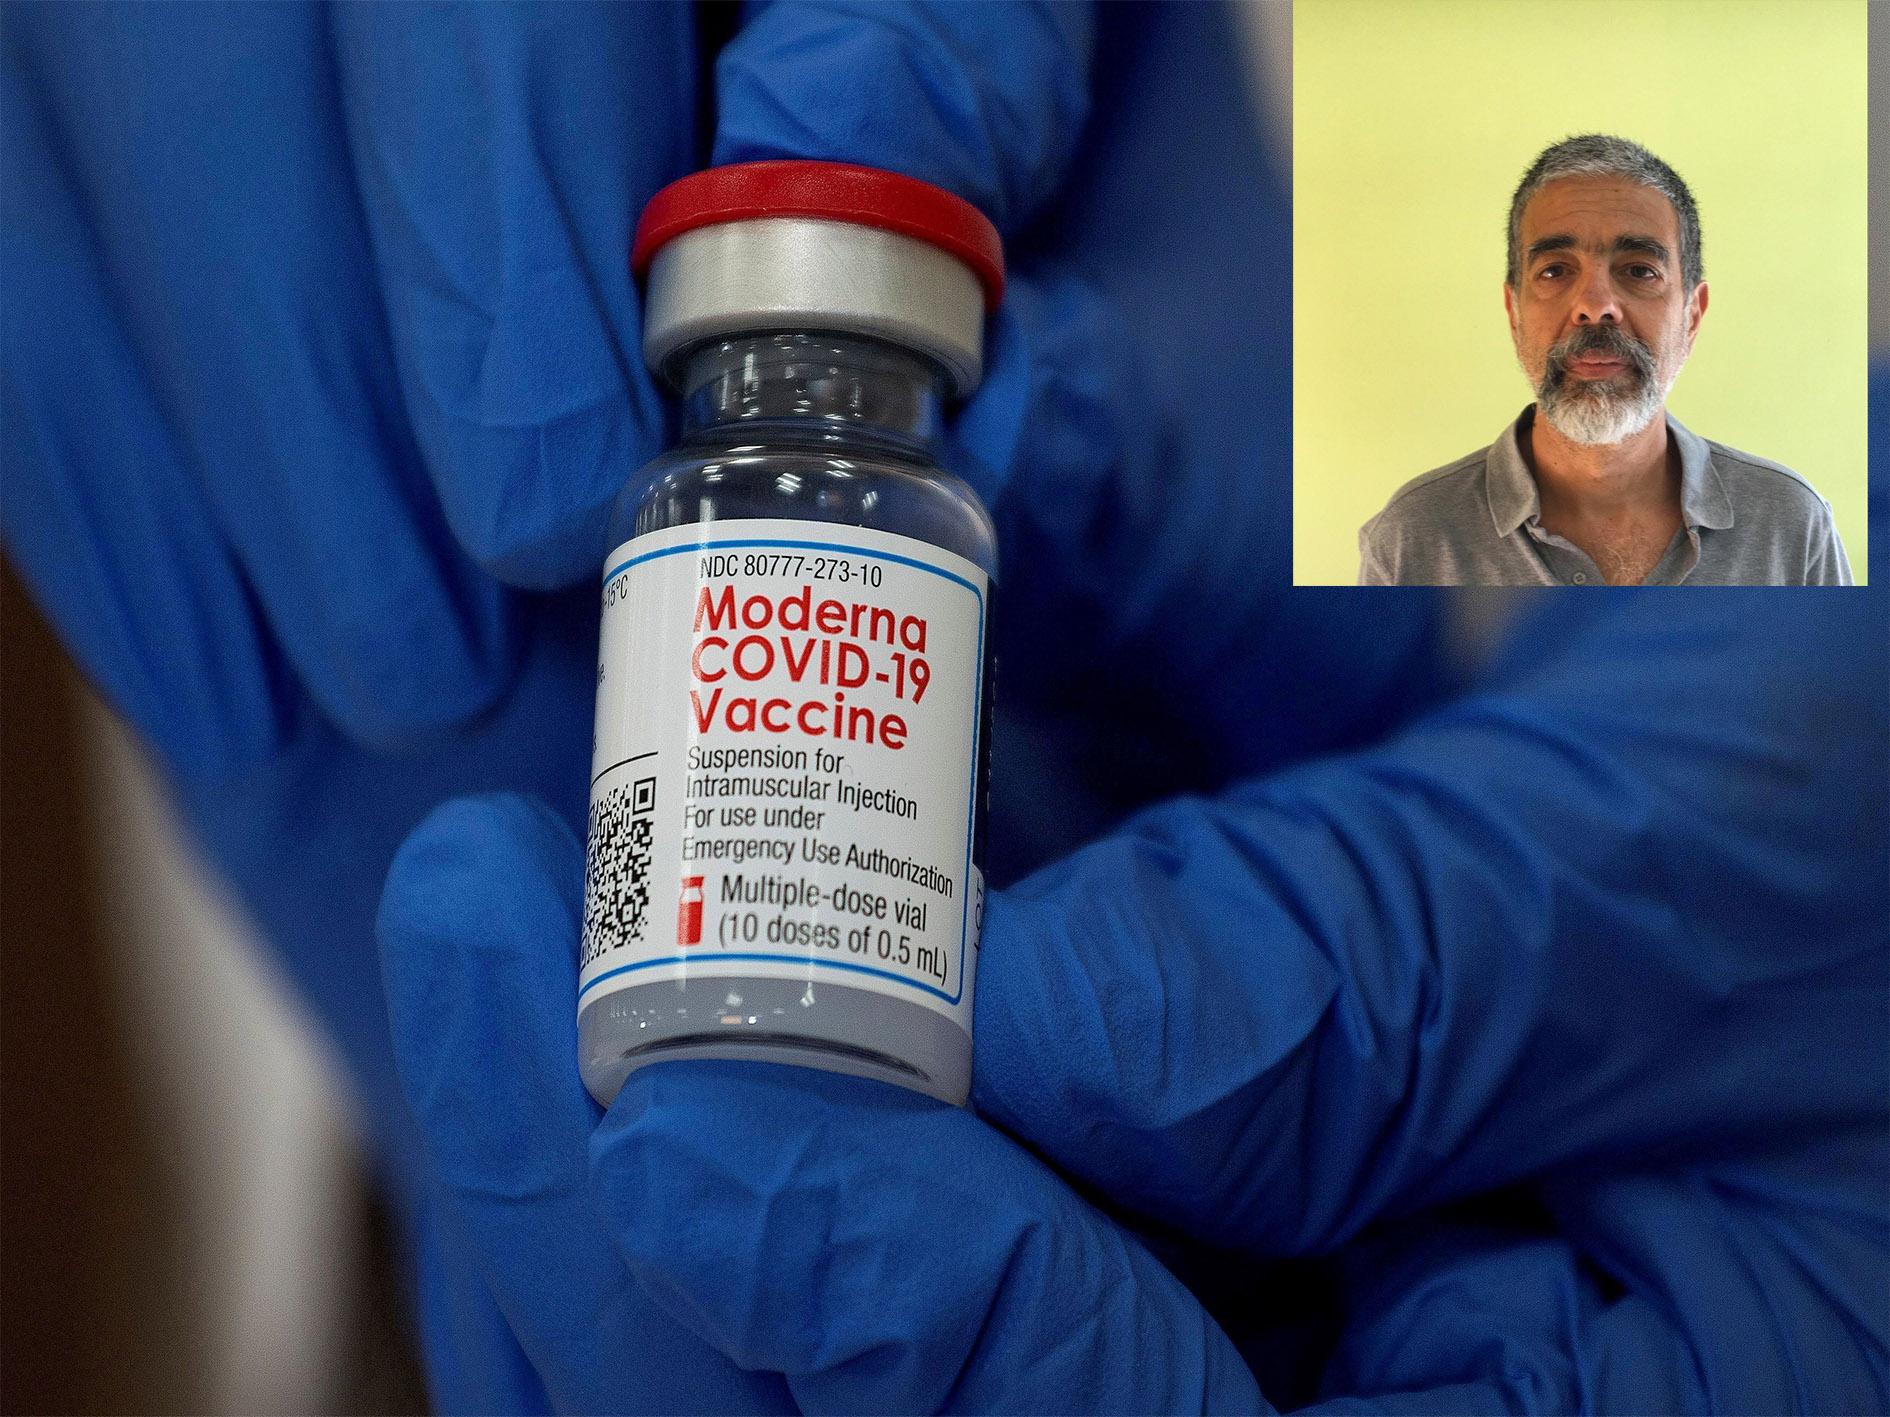 Διευθυντής μονάδας τεχνητού νεφρού στο newsit.gr: «Δεν είμαι εμβολιασμένος – Είμαι εναντίον οποιασδήποτε υποχρεωτικότητας»